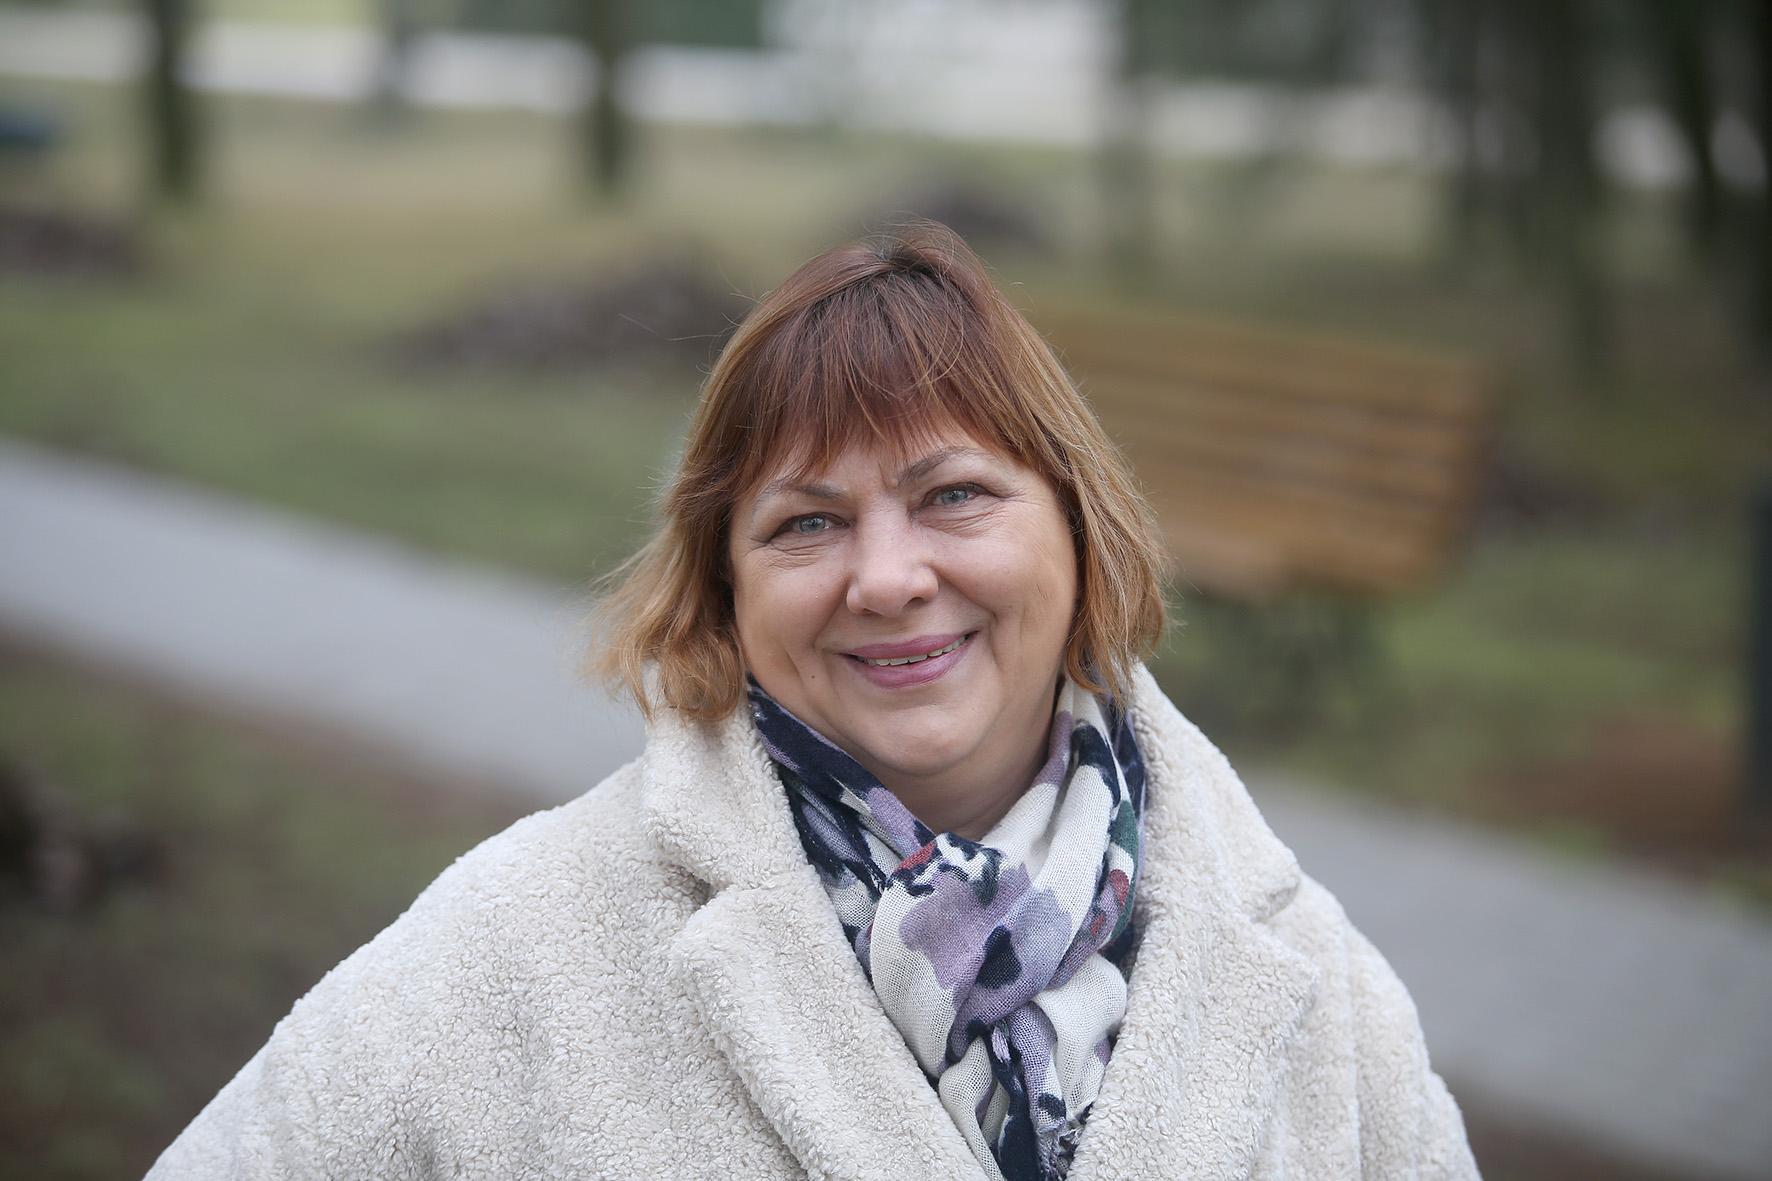 """Bendruomenės pirmininkė Rita Lankelienė į Beinaičių kaimą iš Pasvalio atsikėlė prieš 40 metų./ Algimanto Barzdžiaus/ """"Rinkos aikštės"""" archyvo nuotr."""